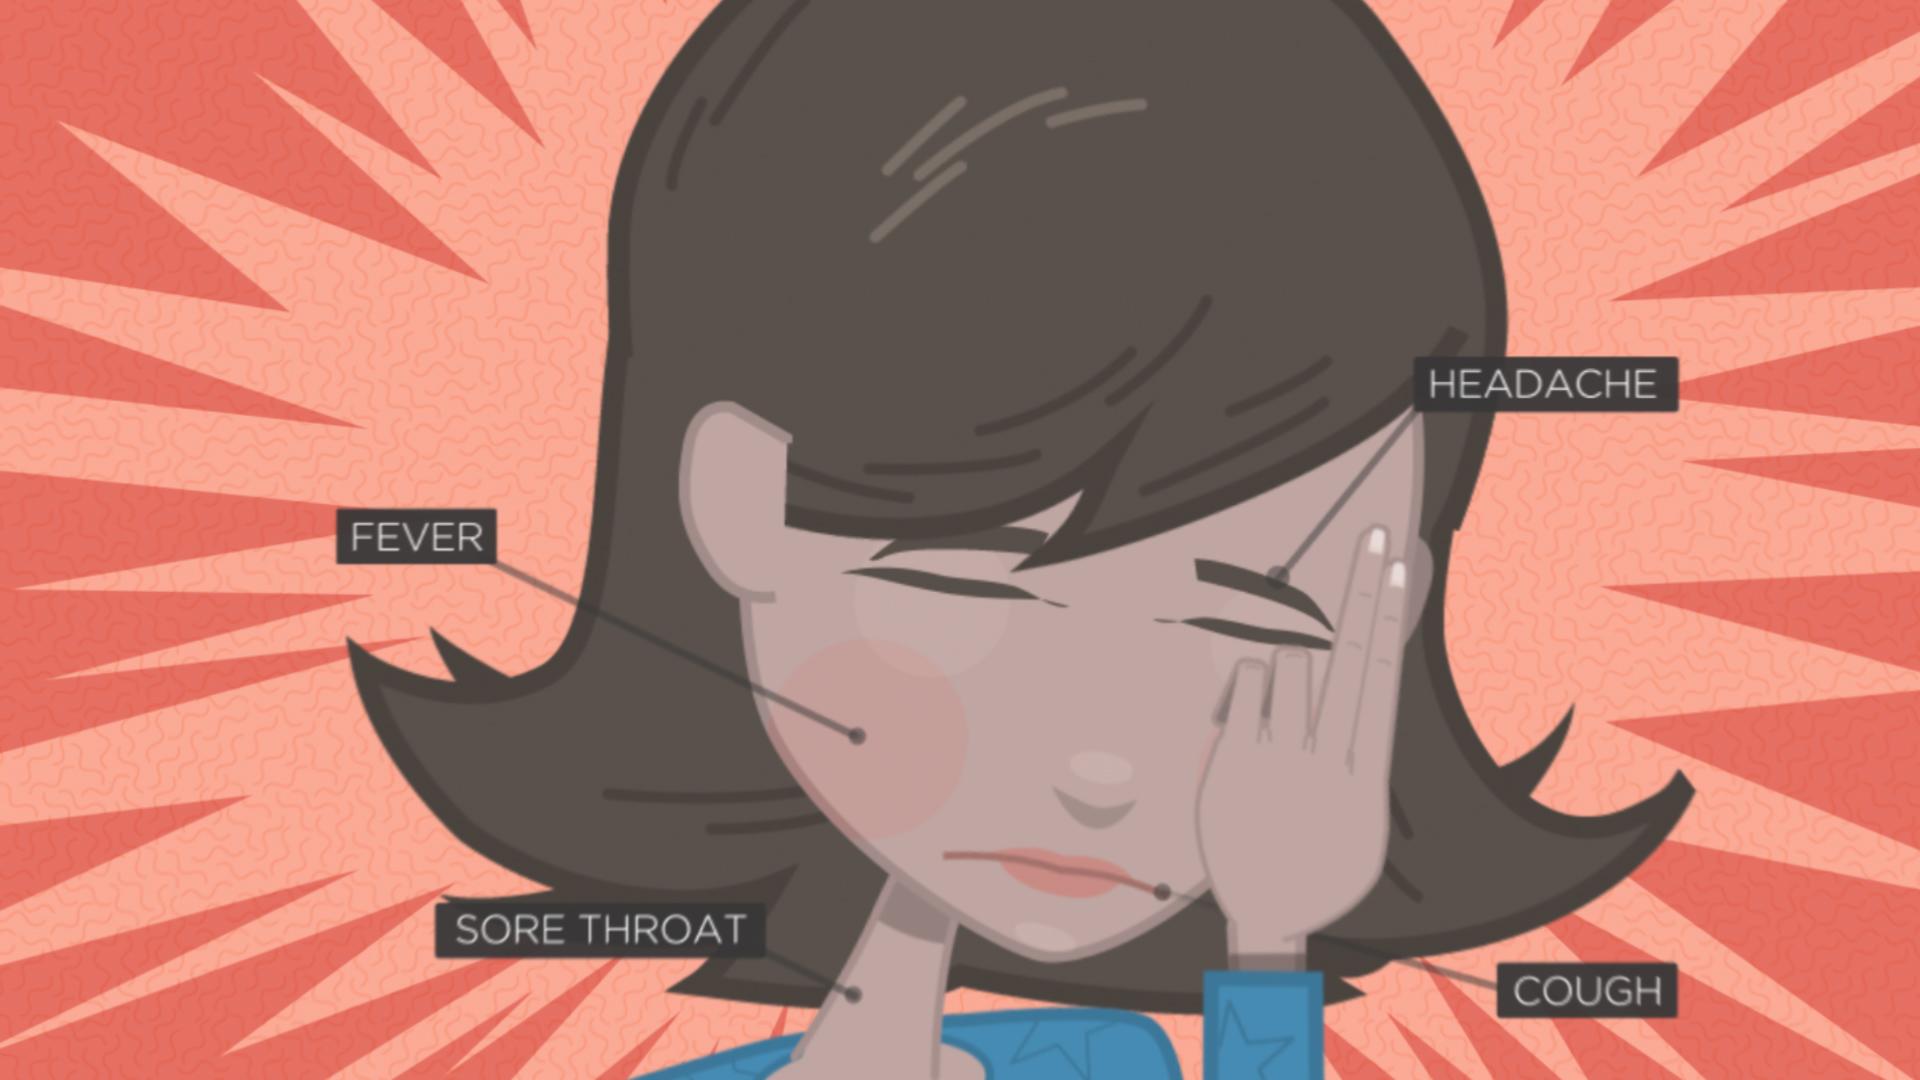 Cartoon of person experiencing flu symptoms